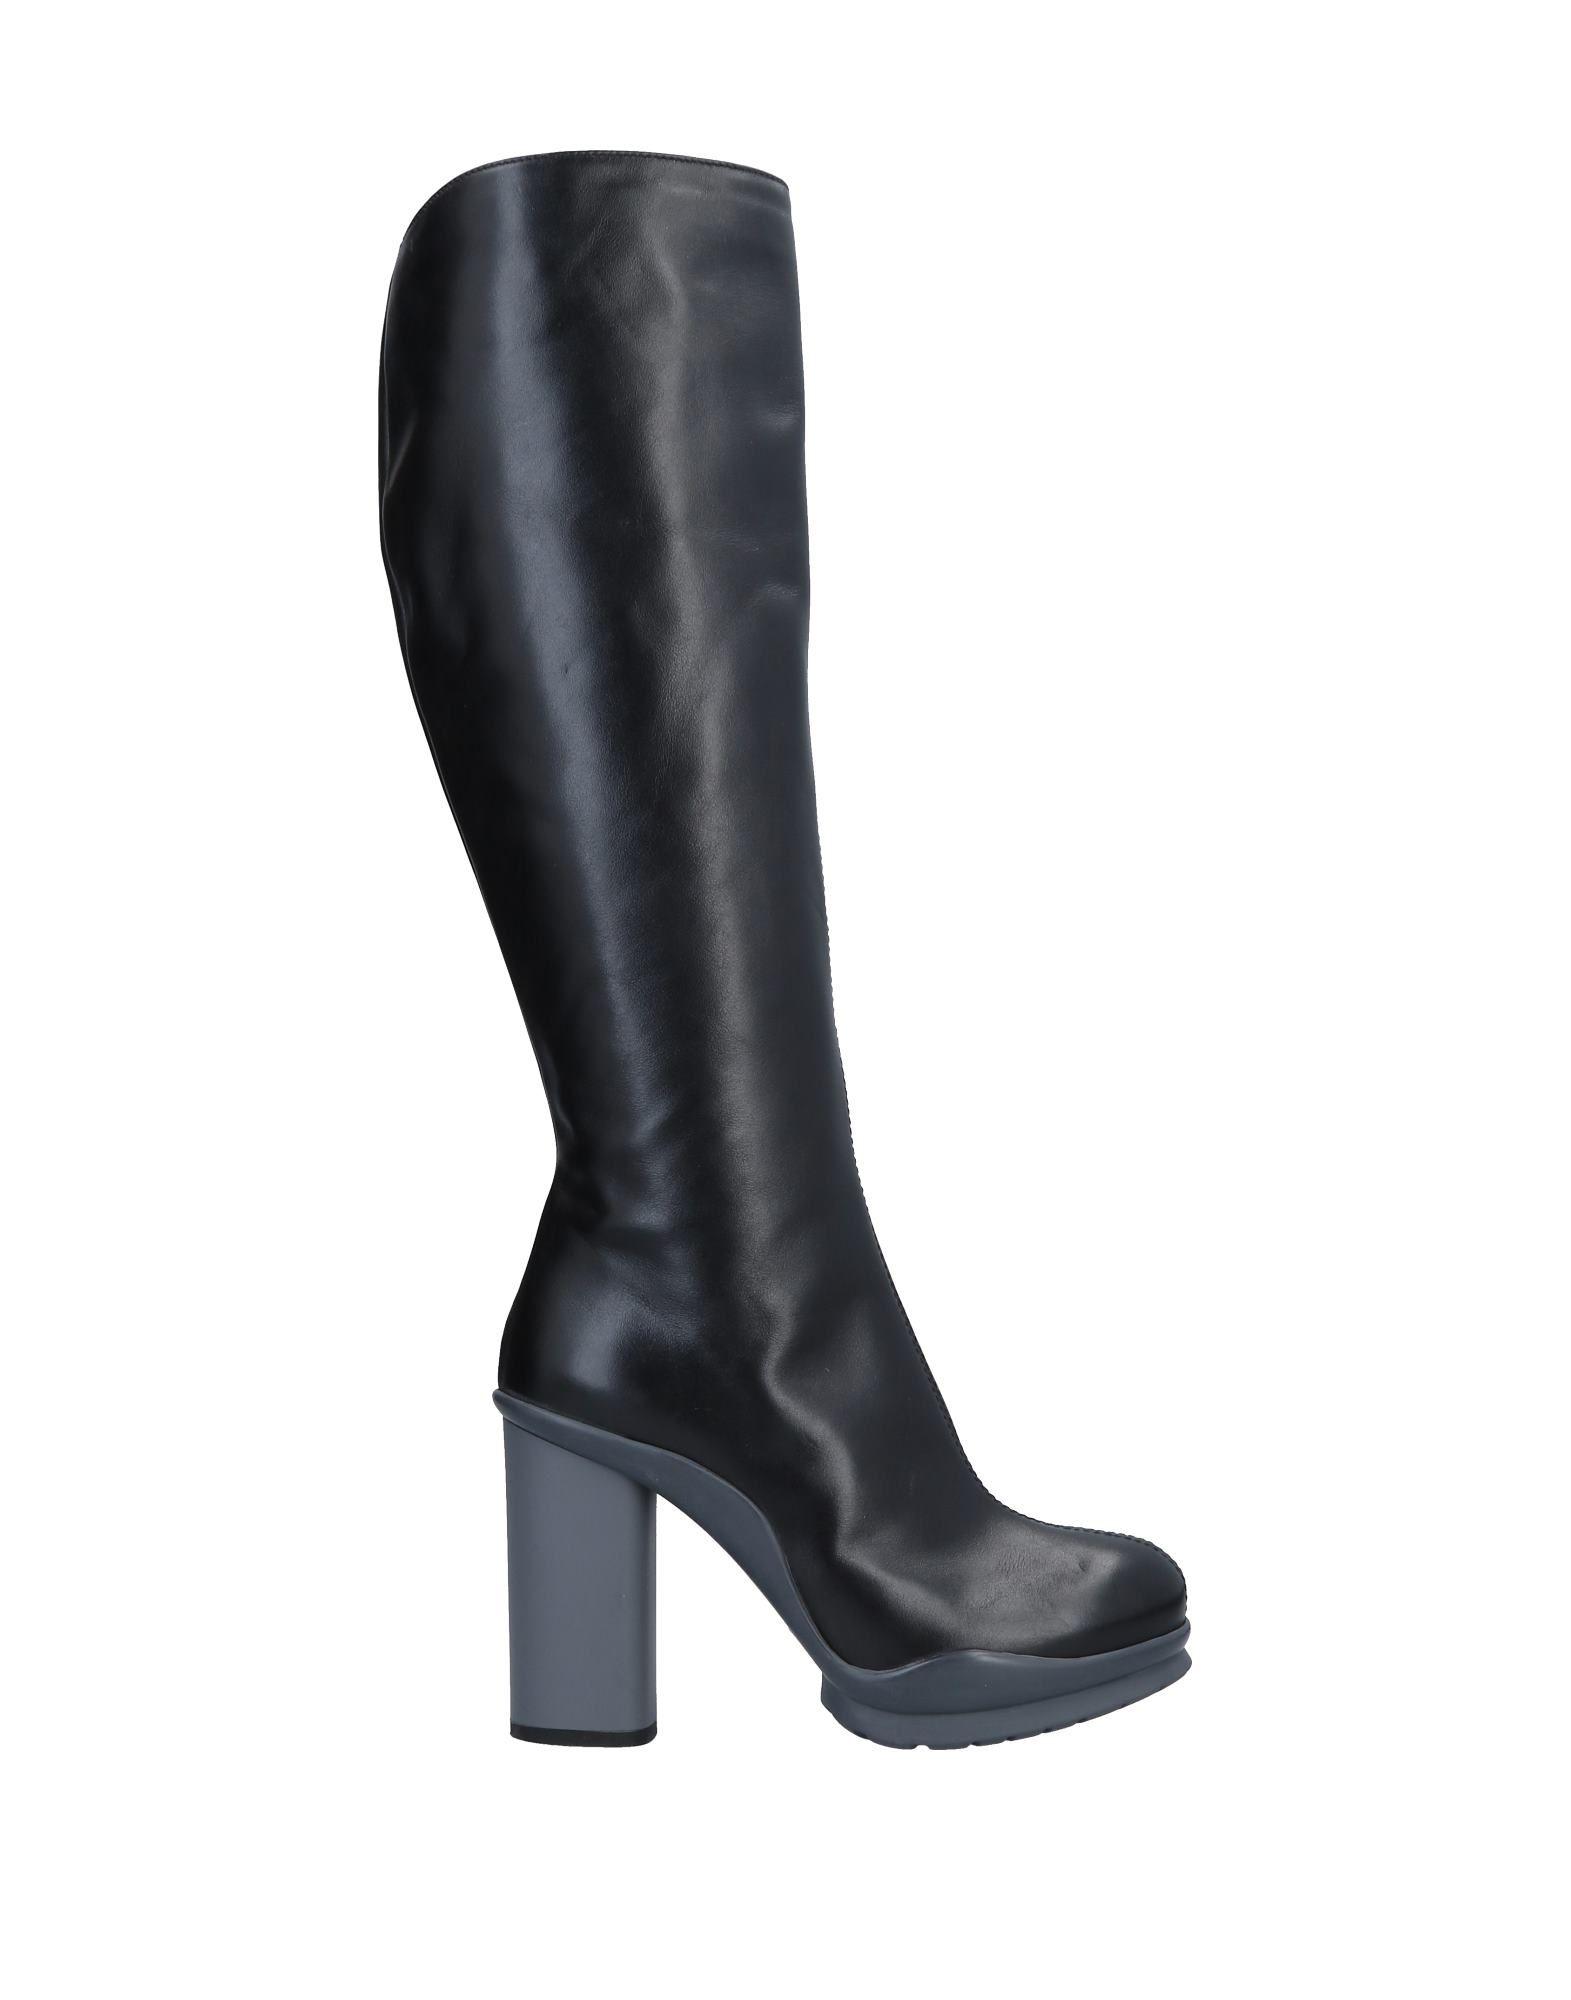 《送料無料》PINKO レディース ブーツ ブラック 36 牛革(カーフ)